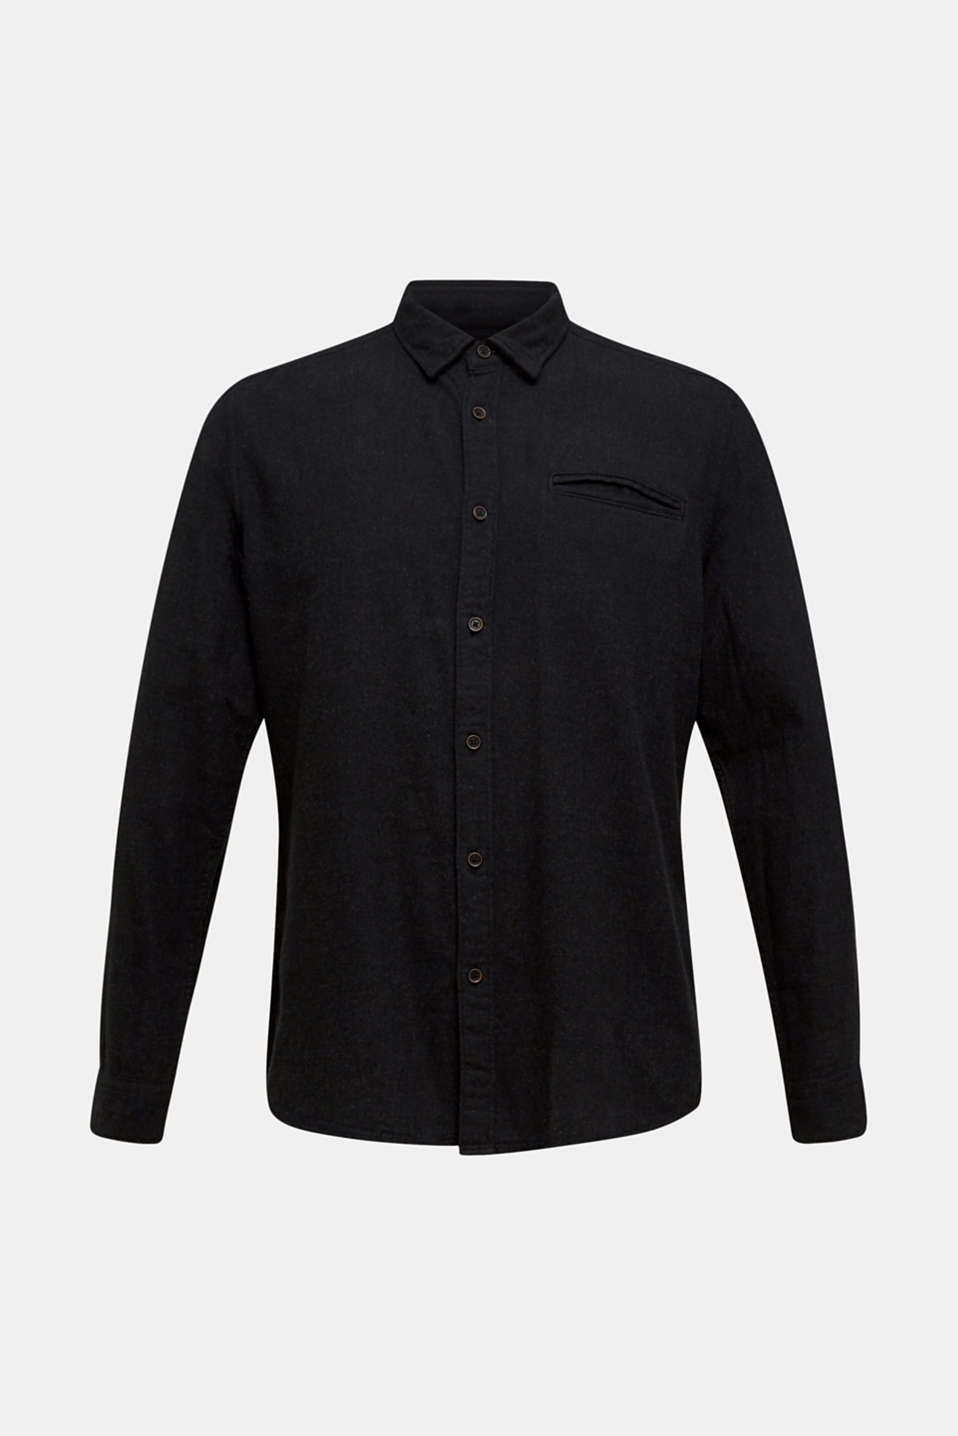 Flannel shirt in 100% cotton, DARK GREY 5, detail image number 6